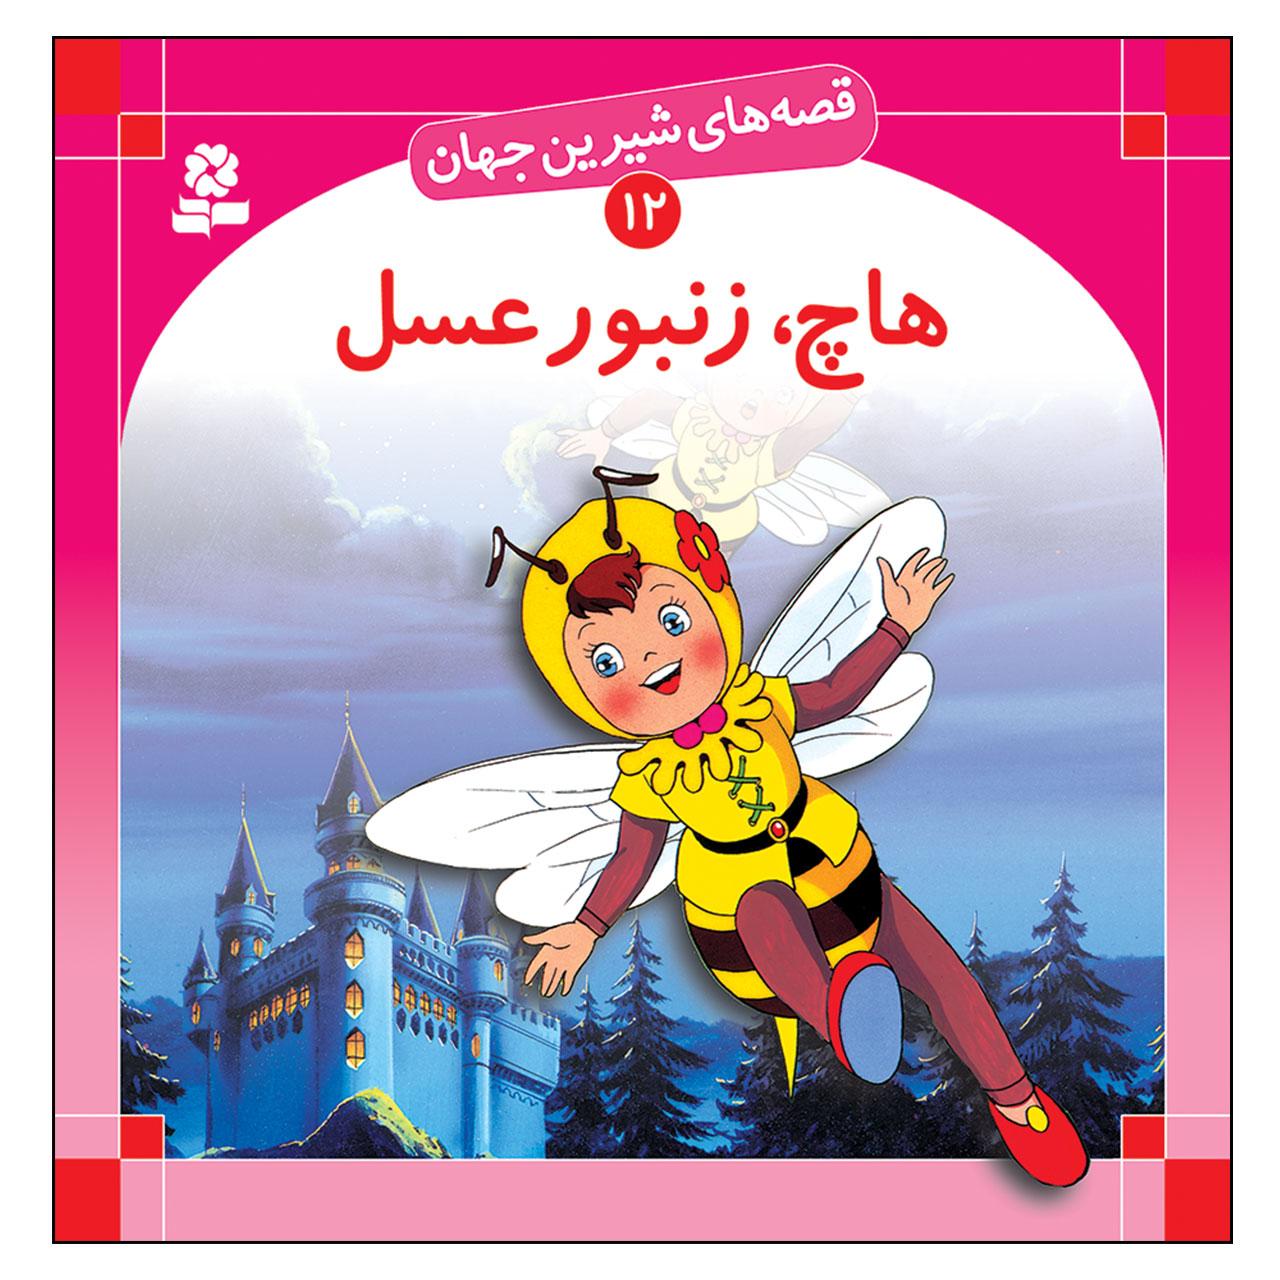 کتاب قصه های شیرین جهان 12 هاچ زنبور عسل اثر بن زلس انتشارات قدیانی